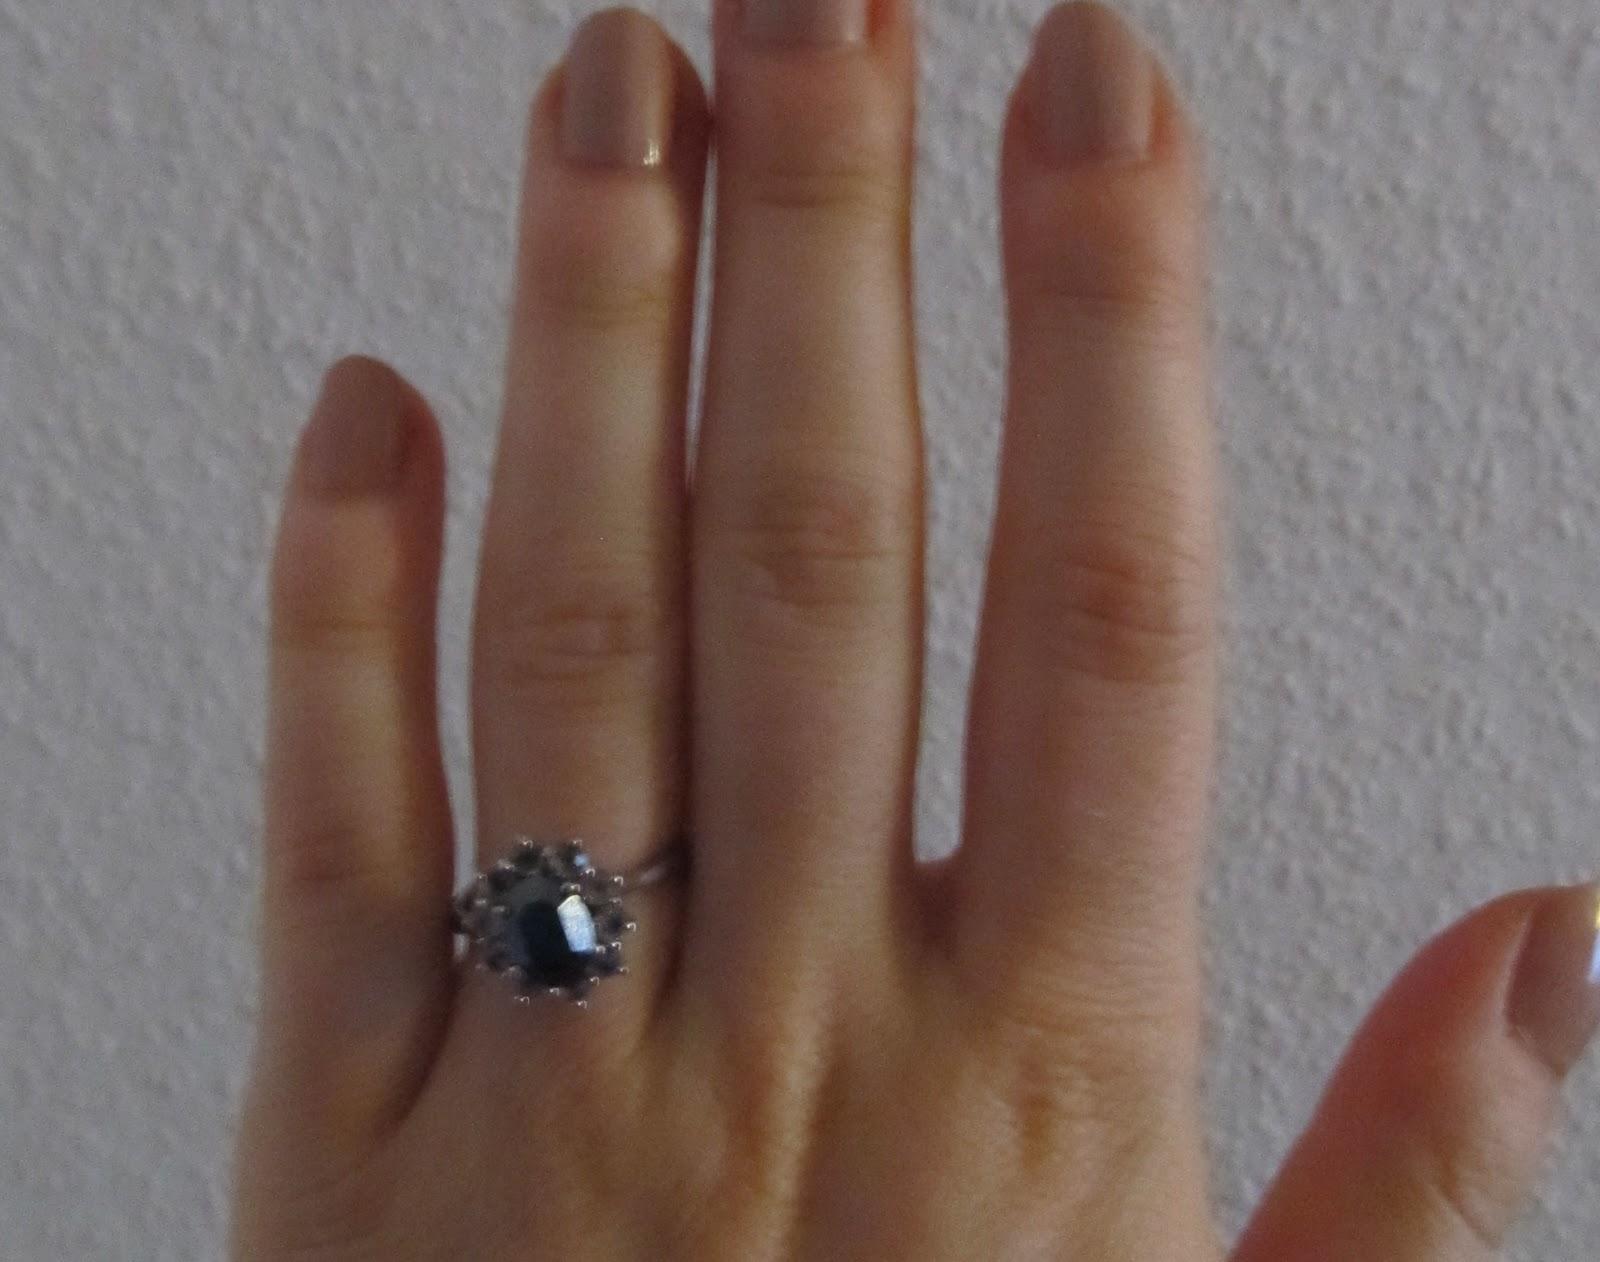 coco 39 s kleine welt schmuck von six und vom flohmarkt ohrringe kette und ein ring. Black Bedroom Furniture Sets. Home Design Ideas